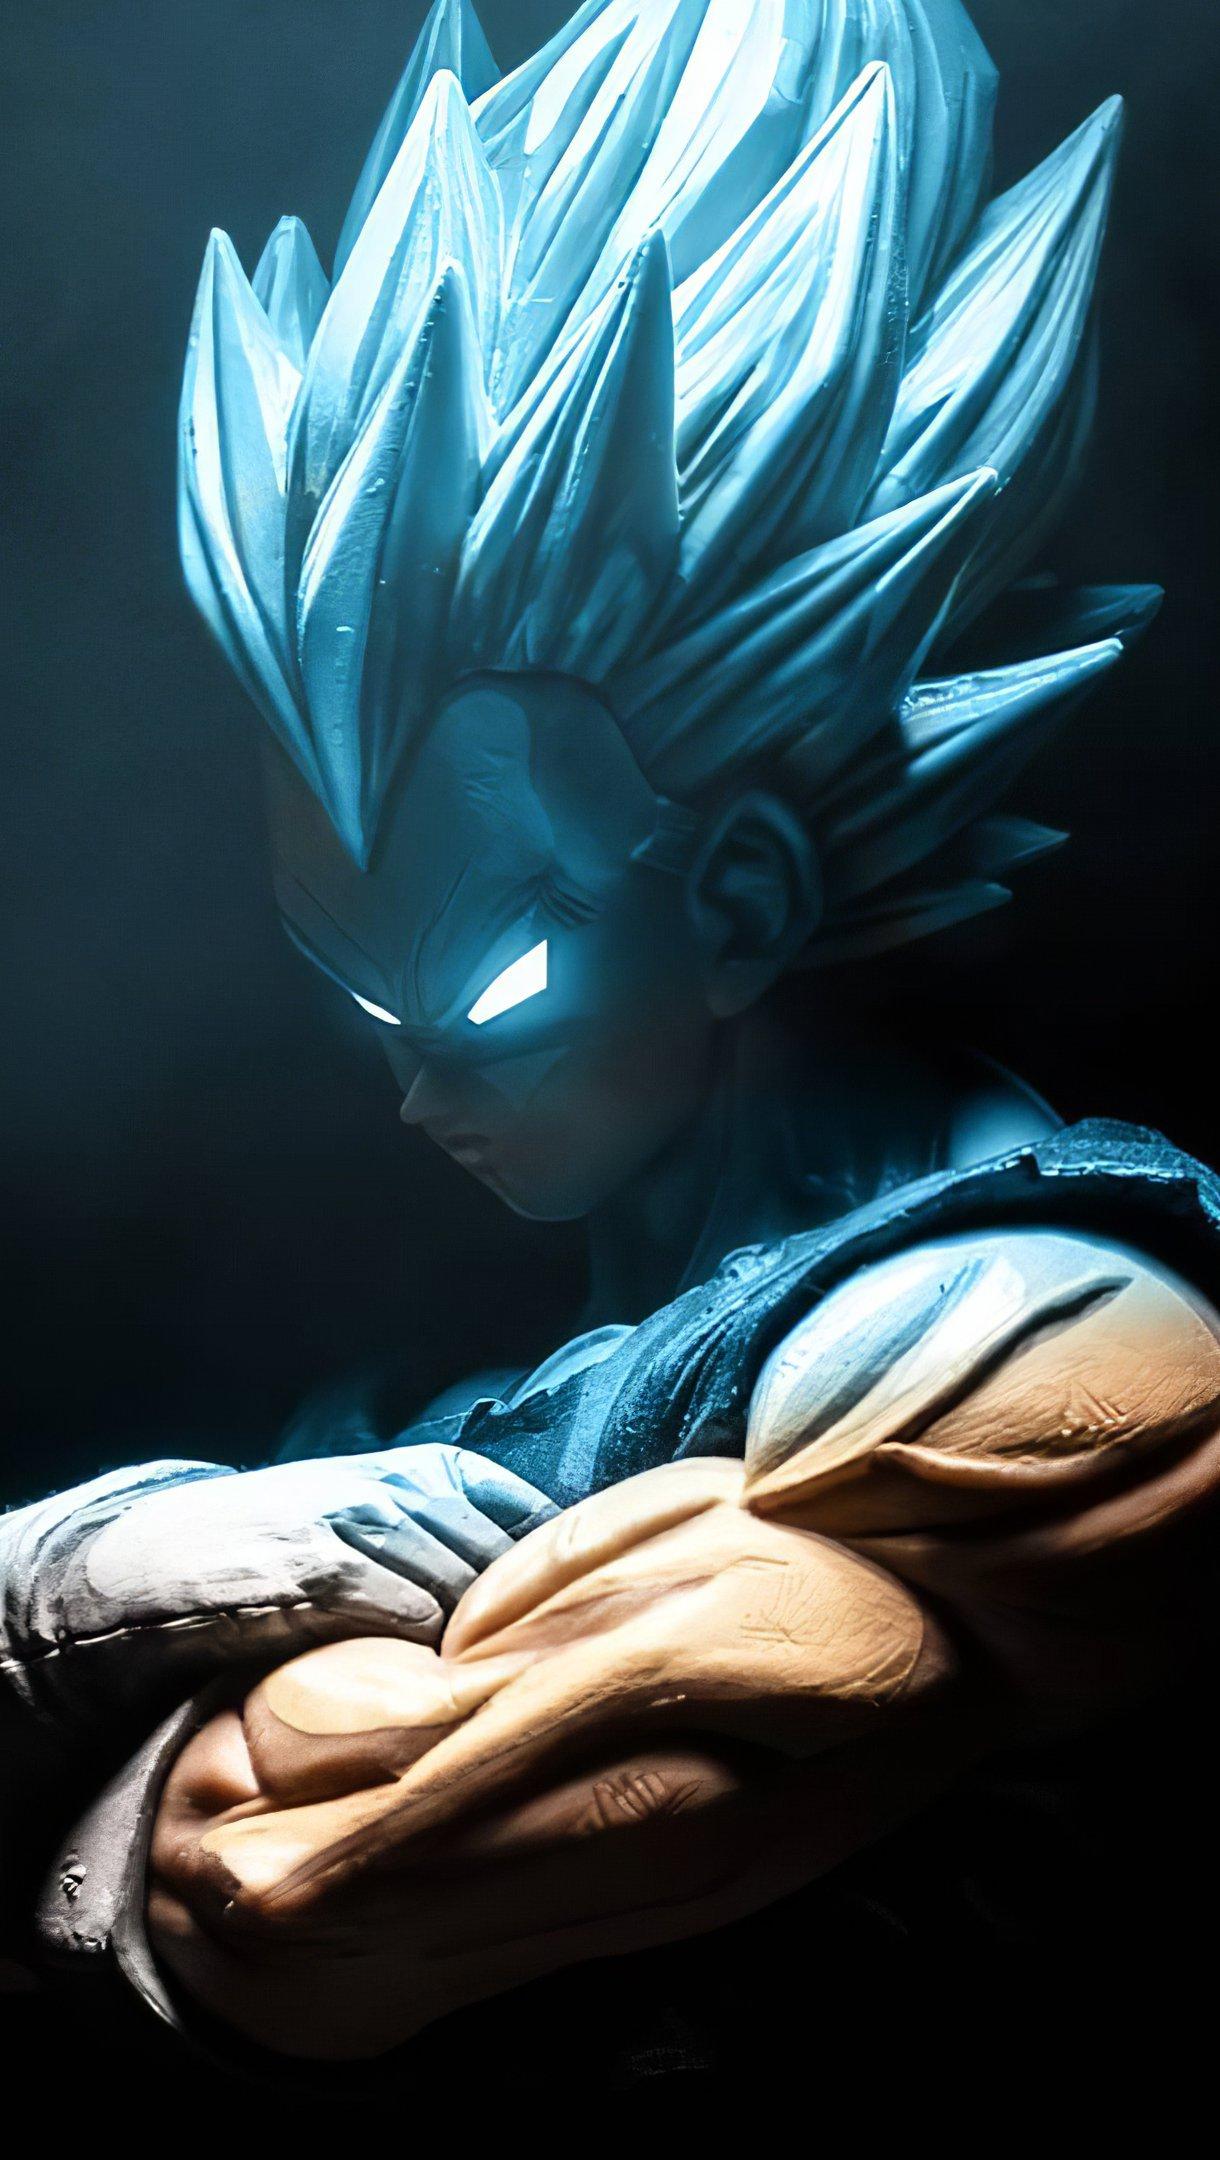 Fondos de pantalla Anime Vegeta 2020 Vertical